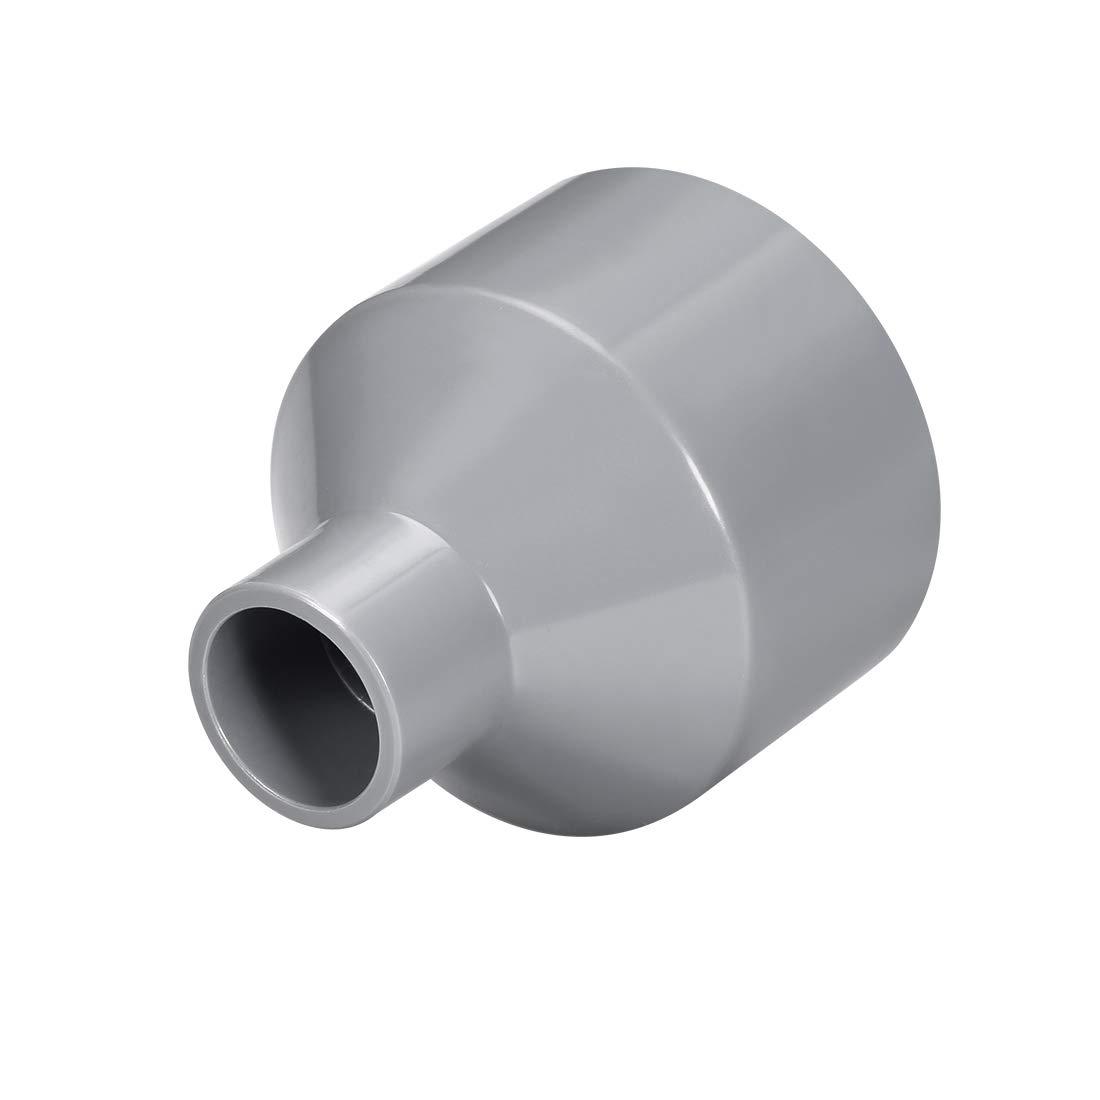 sourcing map Acoplamiento reductor de PVC de cubo por cubo de 50mm x 40mm Adaptador de tuber/ía DWV Gris 2uds